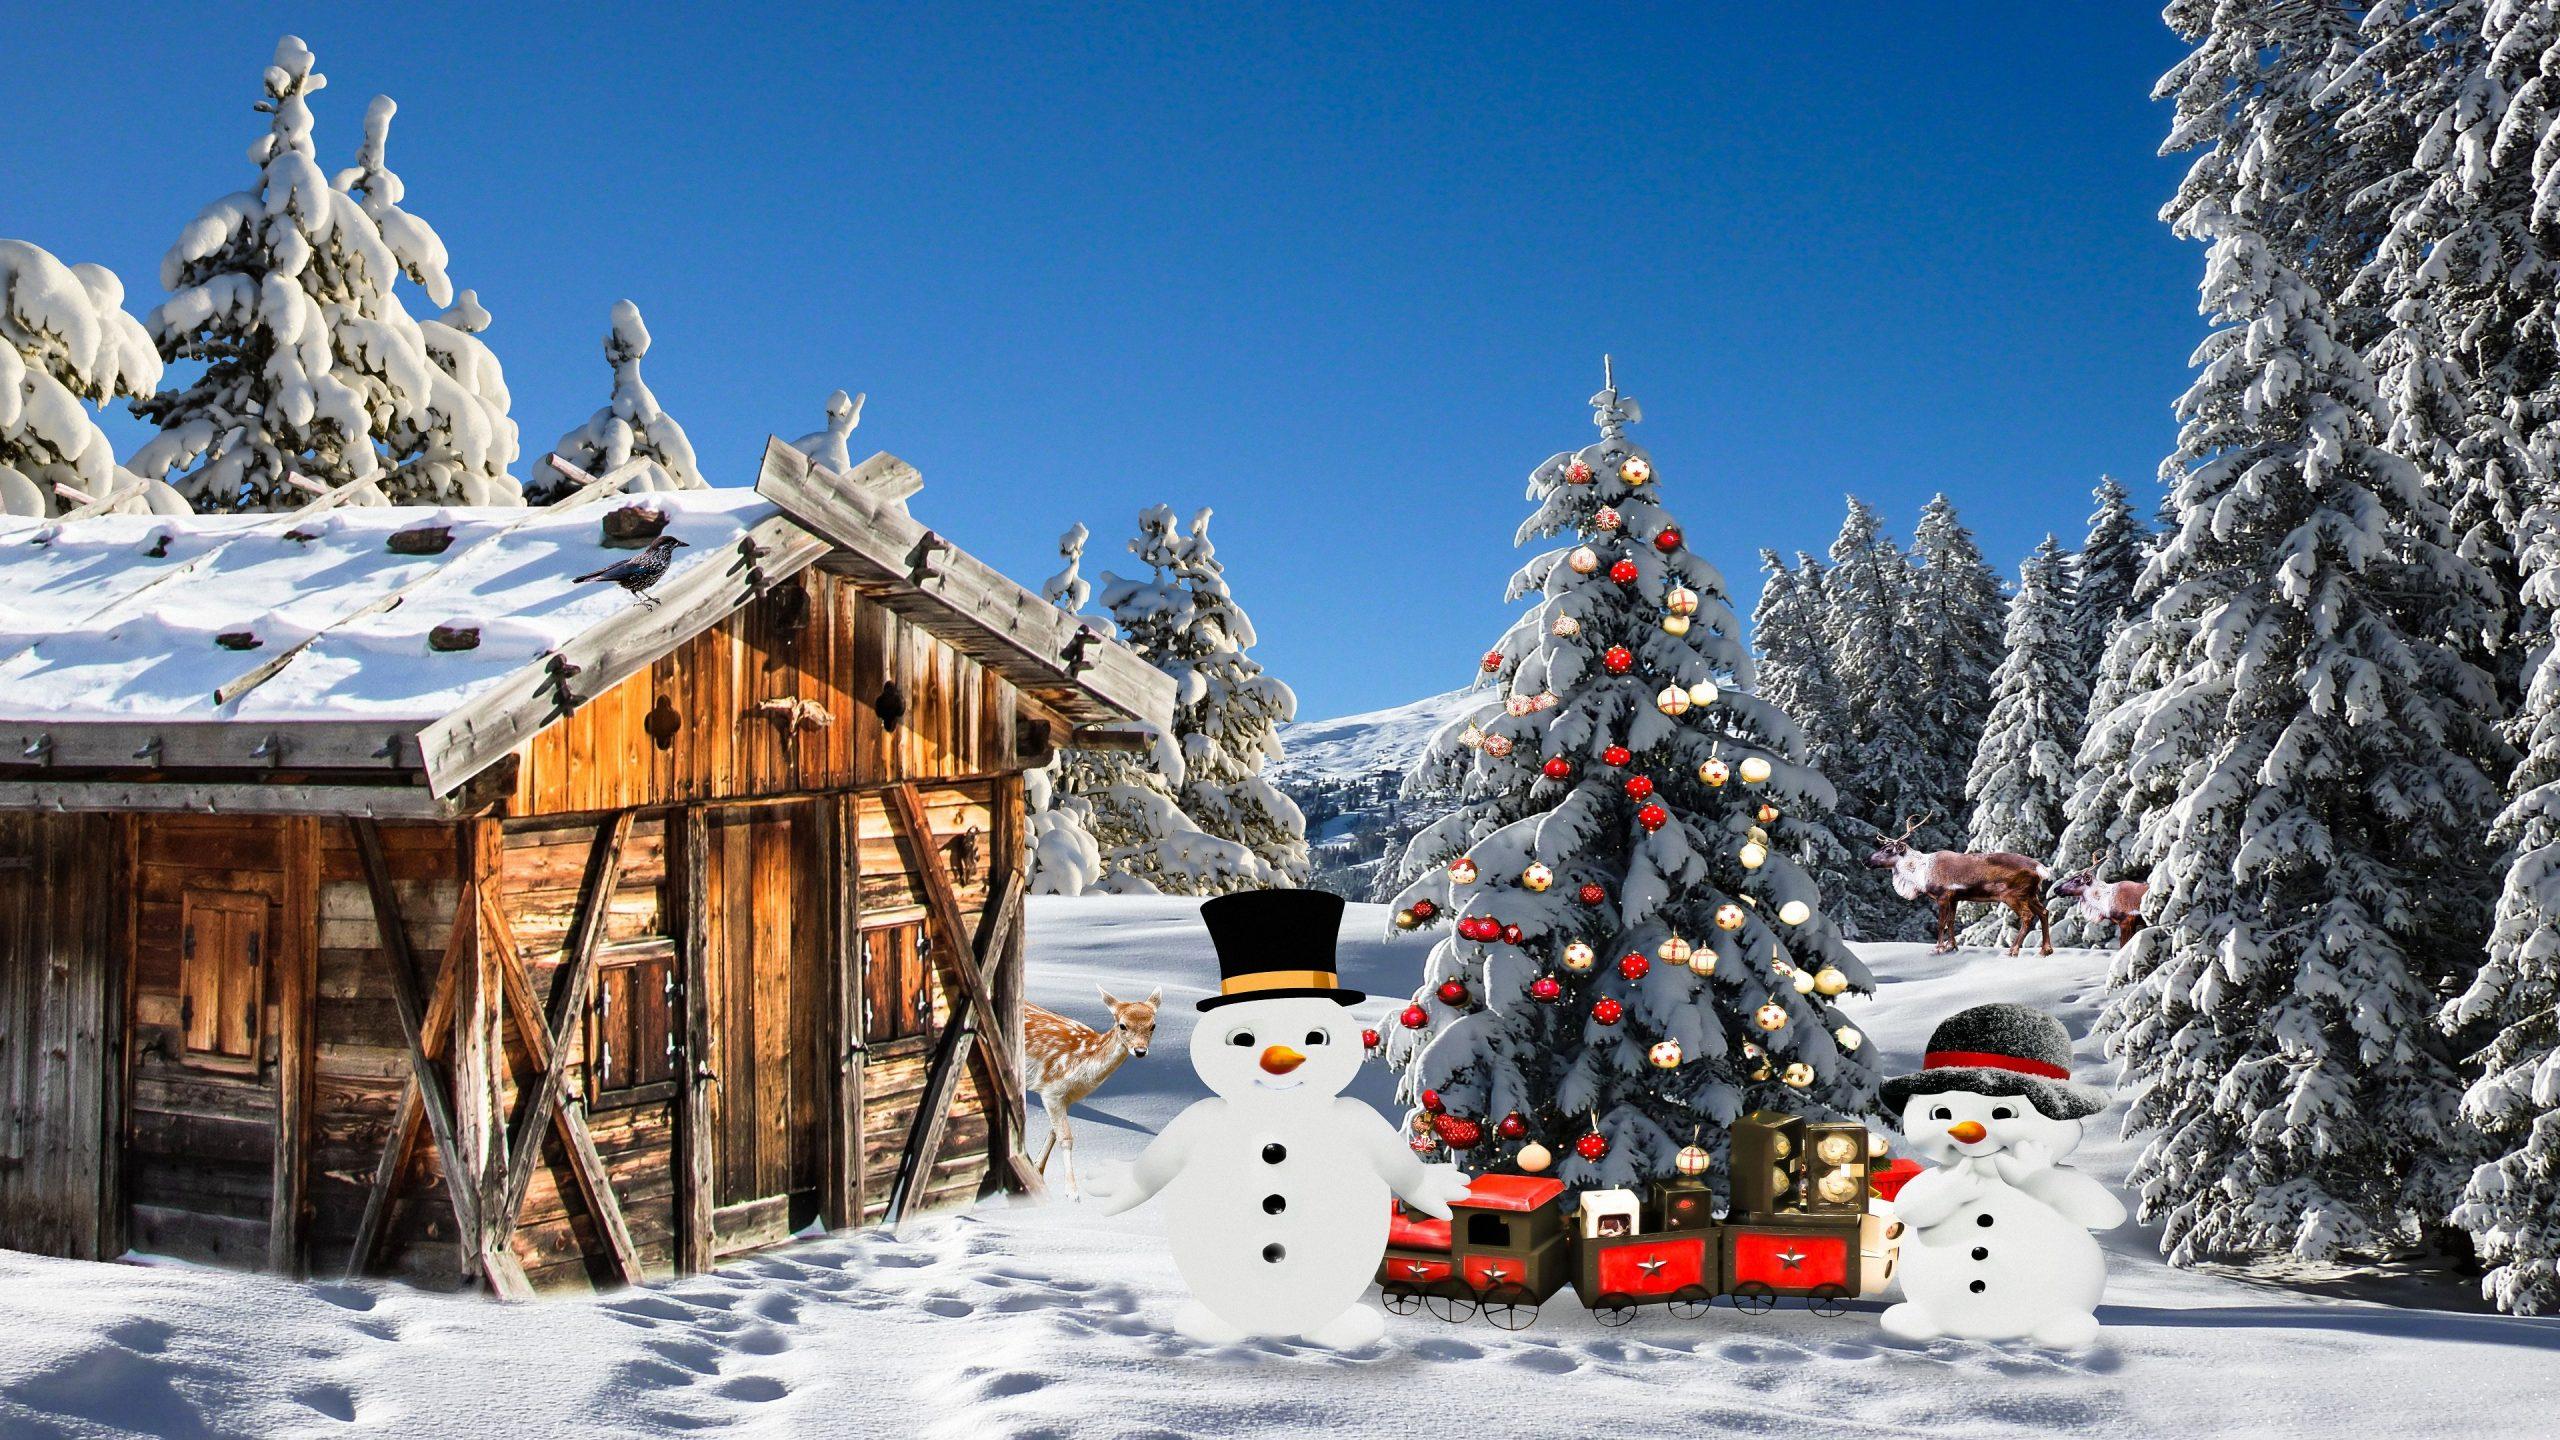 Pc Hintergrundbilder Weihnachten Kostenlos verwandt mit Bilder Kostenlos Weihnachten